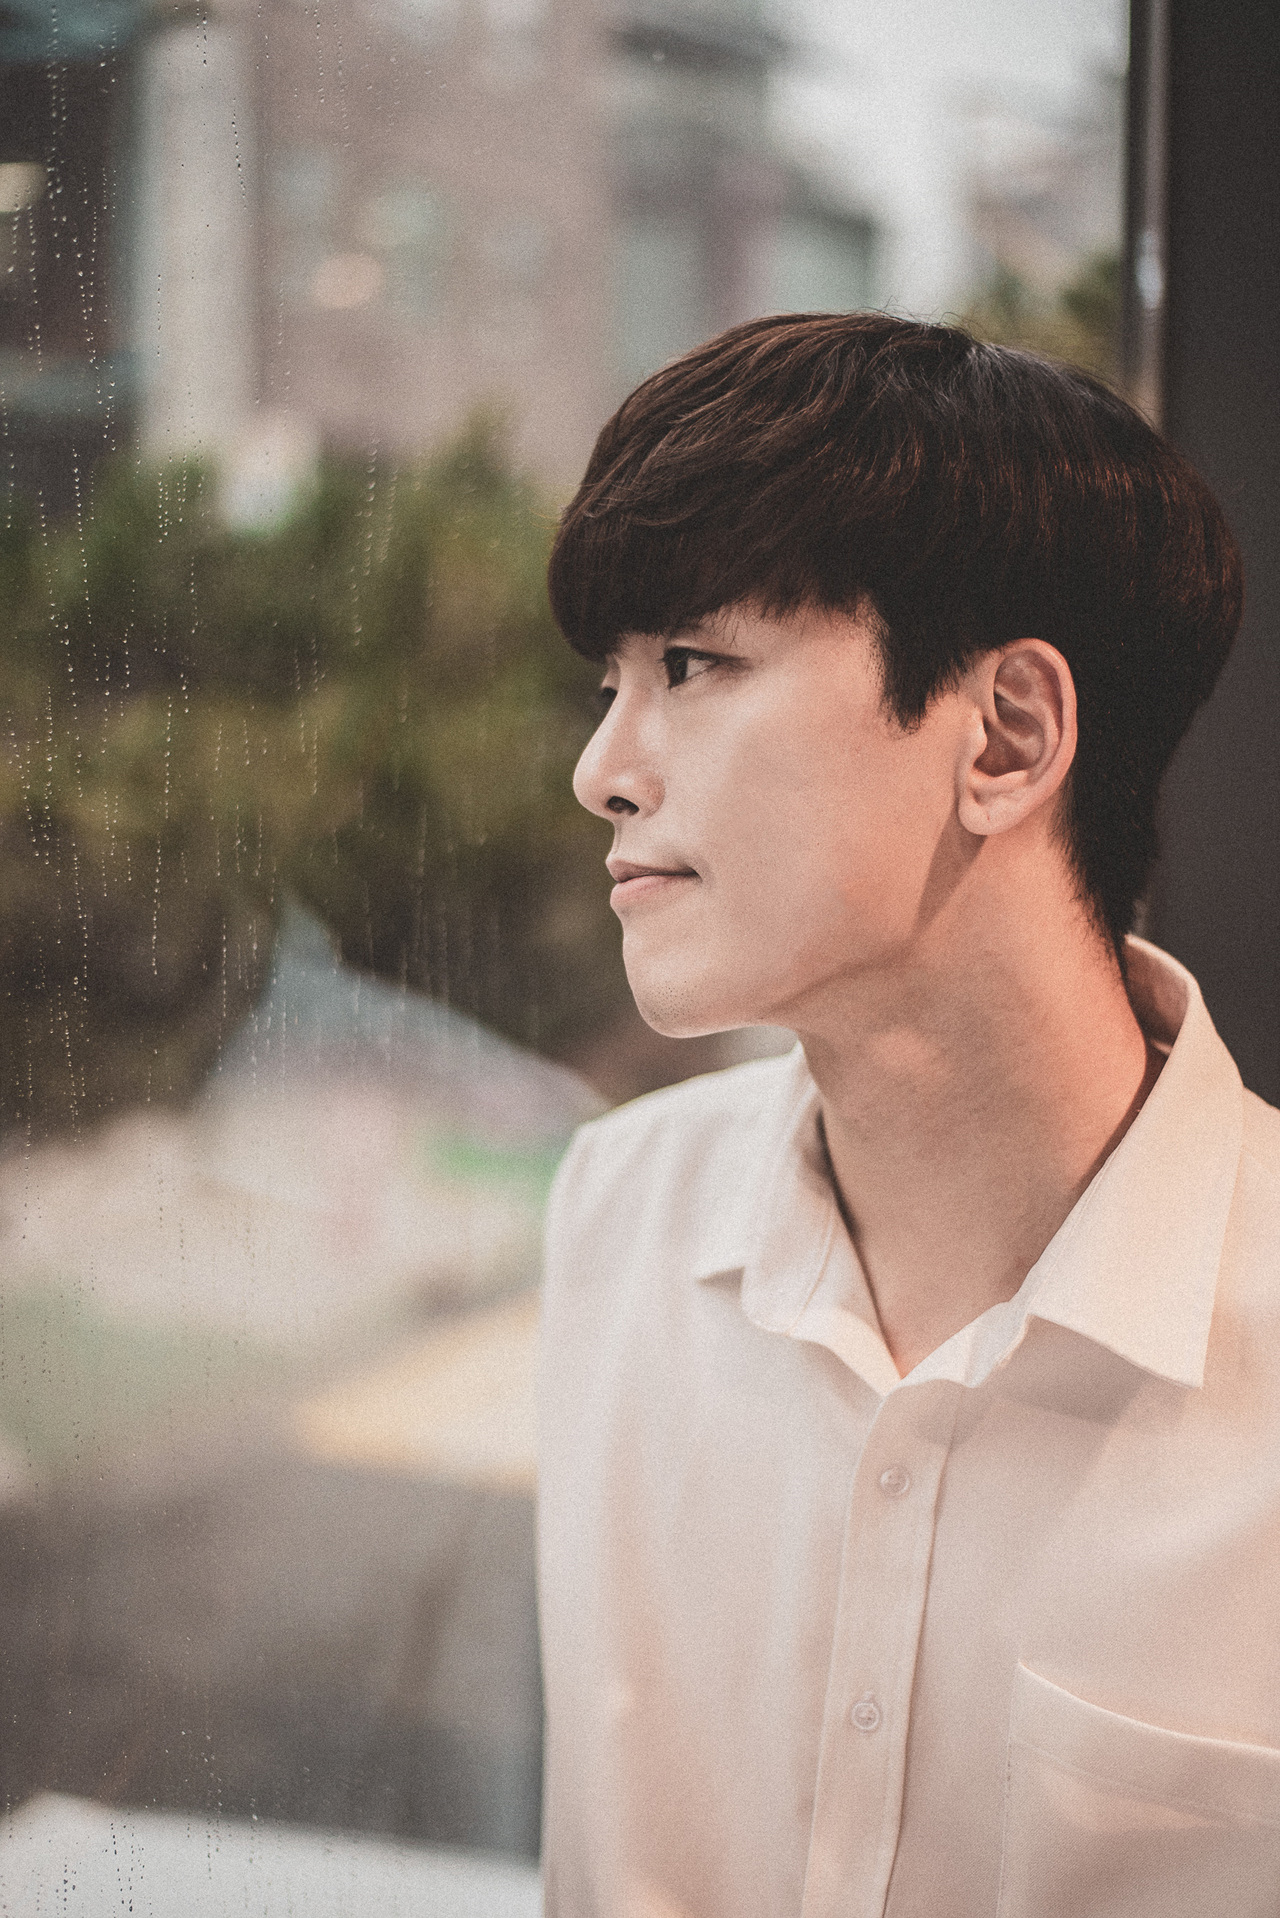 뮤지컬 <6시퇴근>에서 '장보고' 역을 맡은 배우 이동환이 포즈를 취하고 있다.